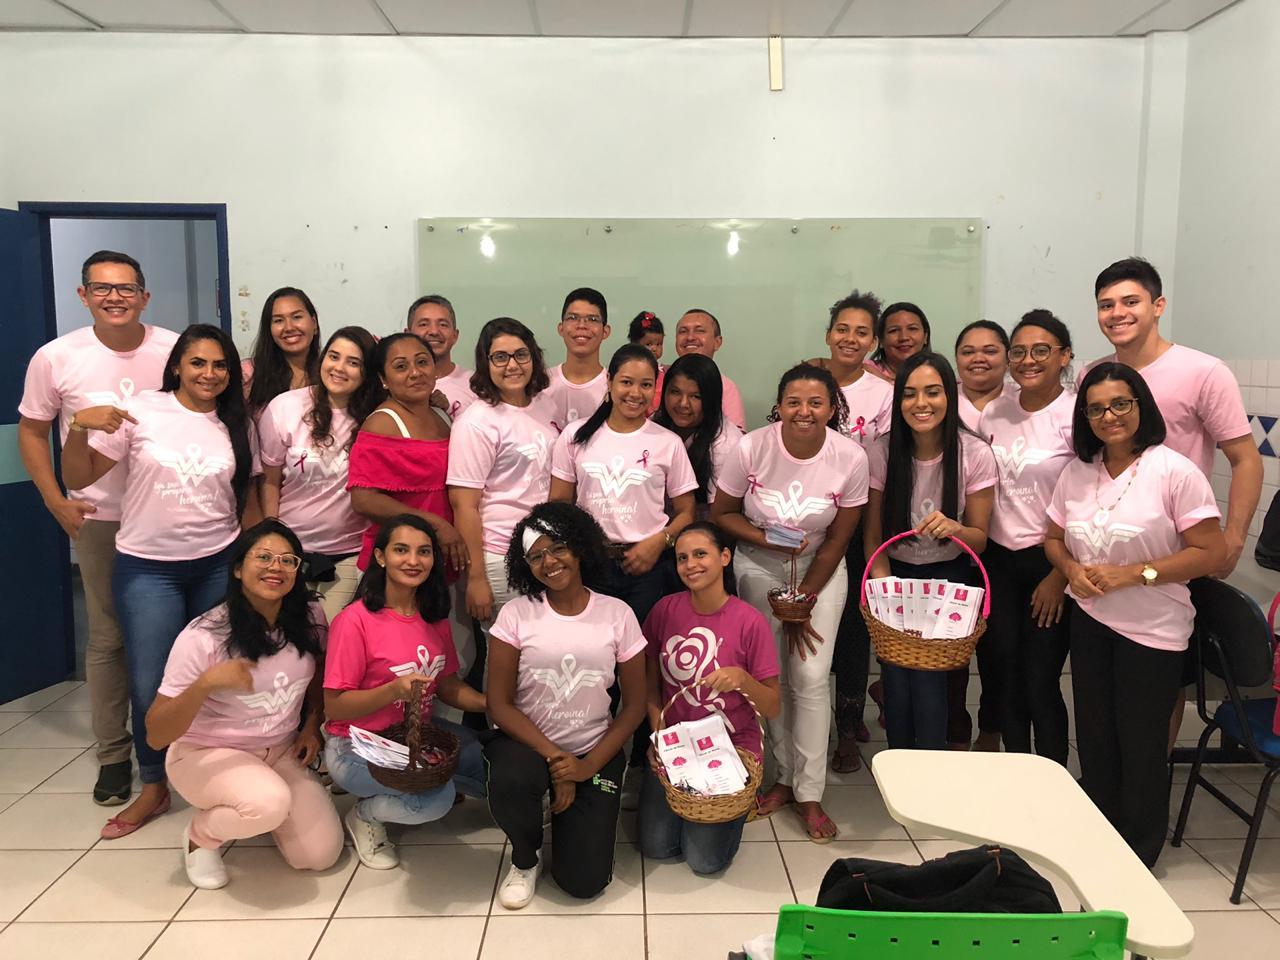 Alunos do curso Técnico em Enfermagem promovem sensibilização para prevenção ao câncer de mama